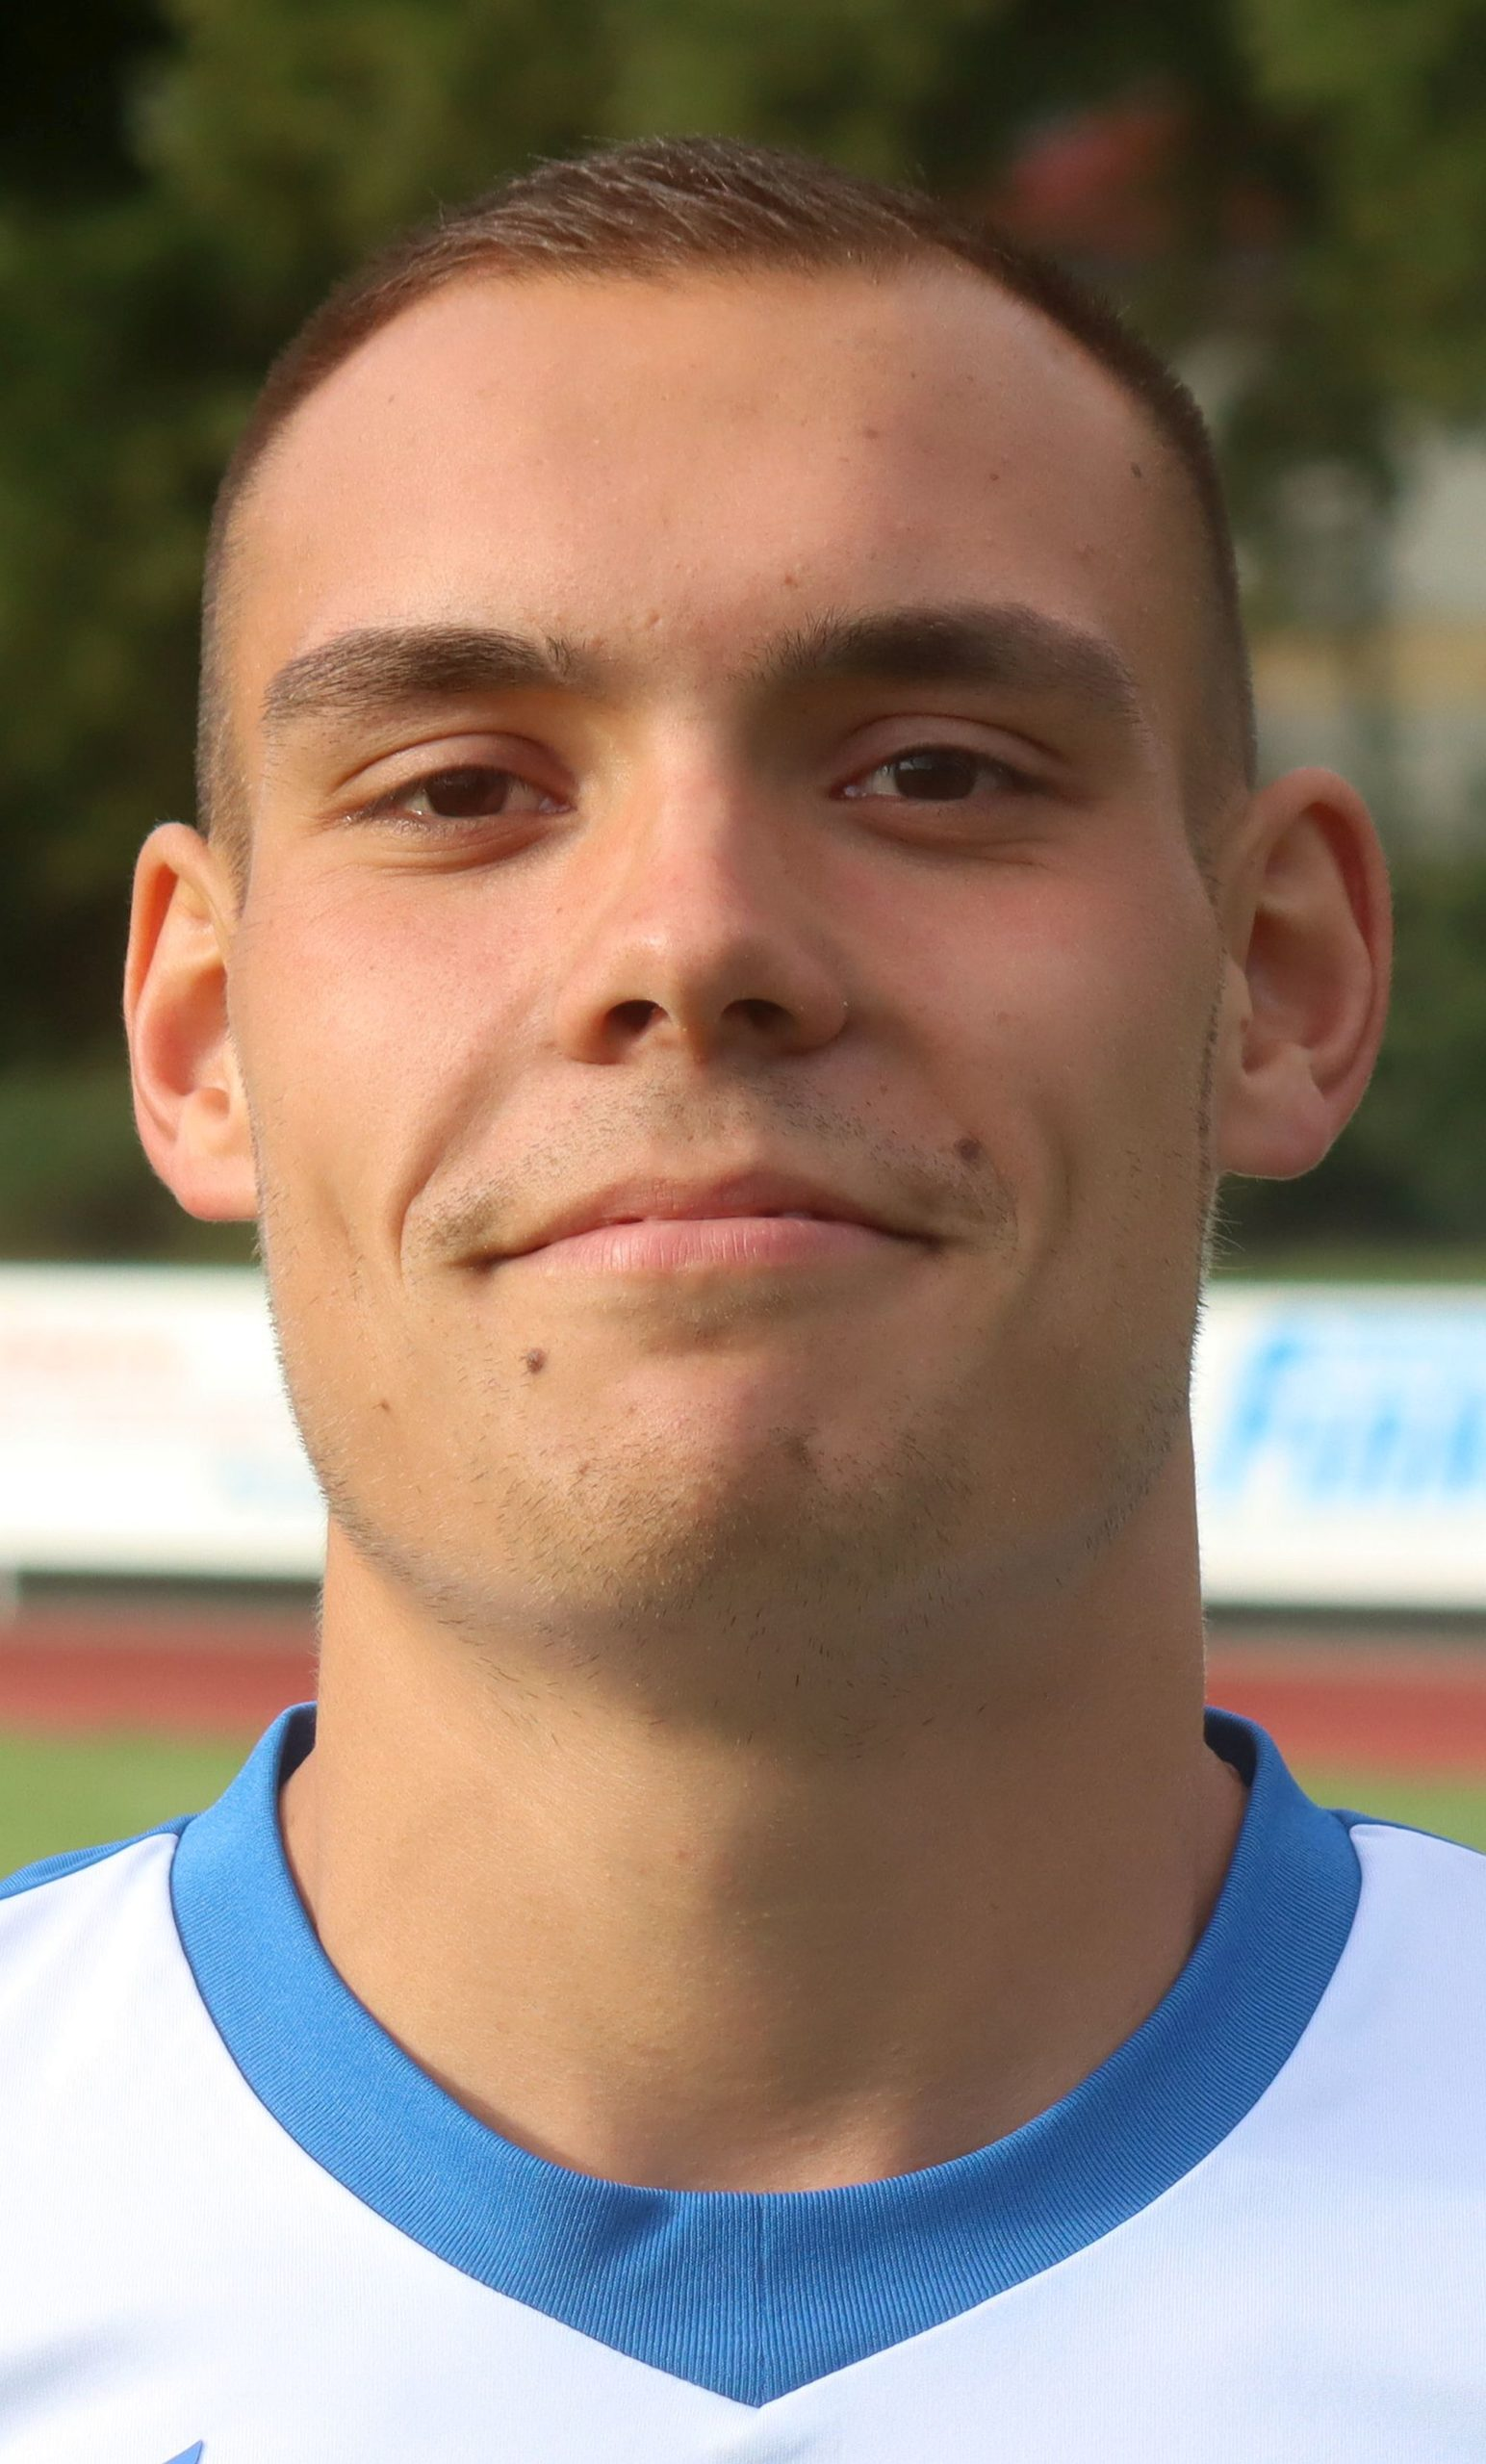 John-Philipp Bruhns